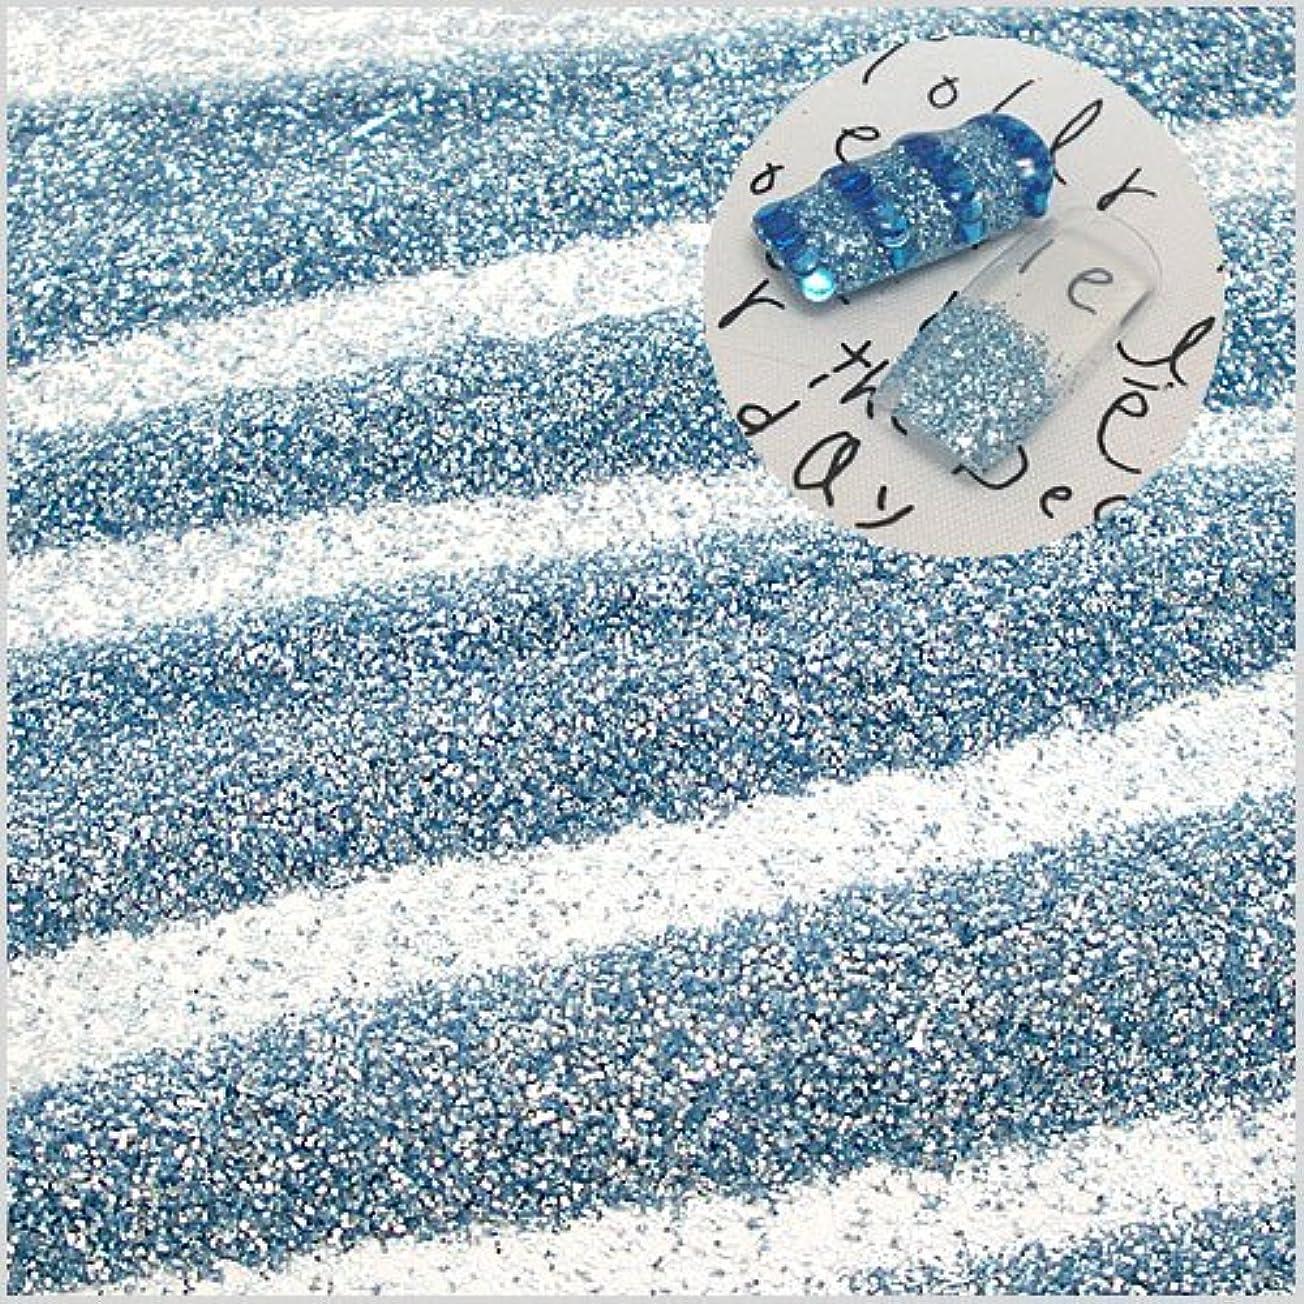 意気込み化学薬品潜在的なグリッター2g入り「ライトブルー」(ラメ,ネイル,キラキラ素材,ラメ素材,レジン封入,ボディータトゥー,サンドアート,ネイルアート,UVレジン) [並行輸入品]